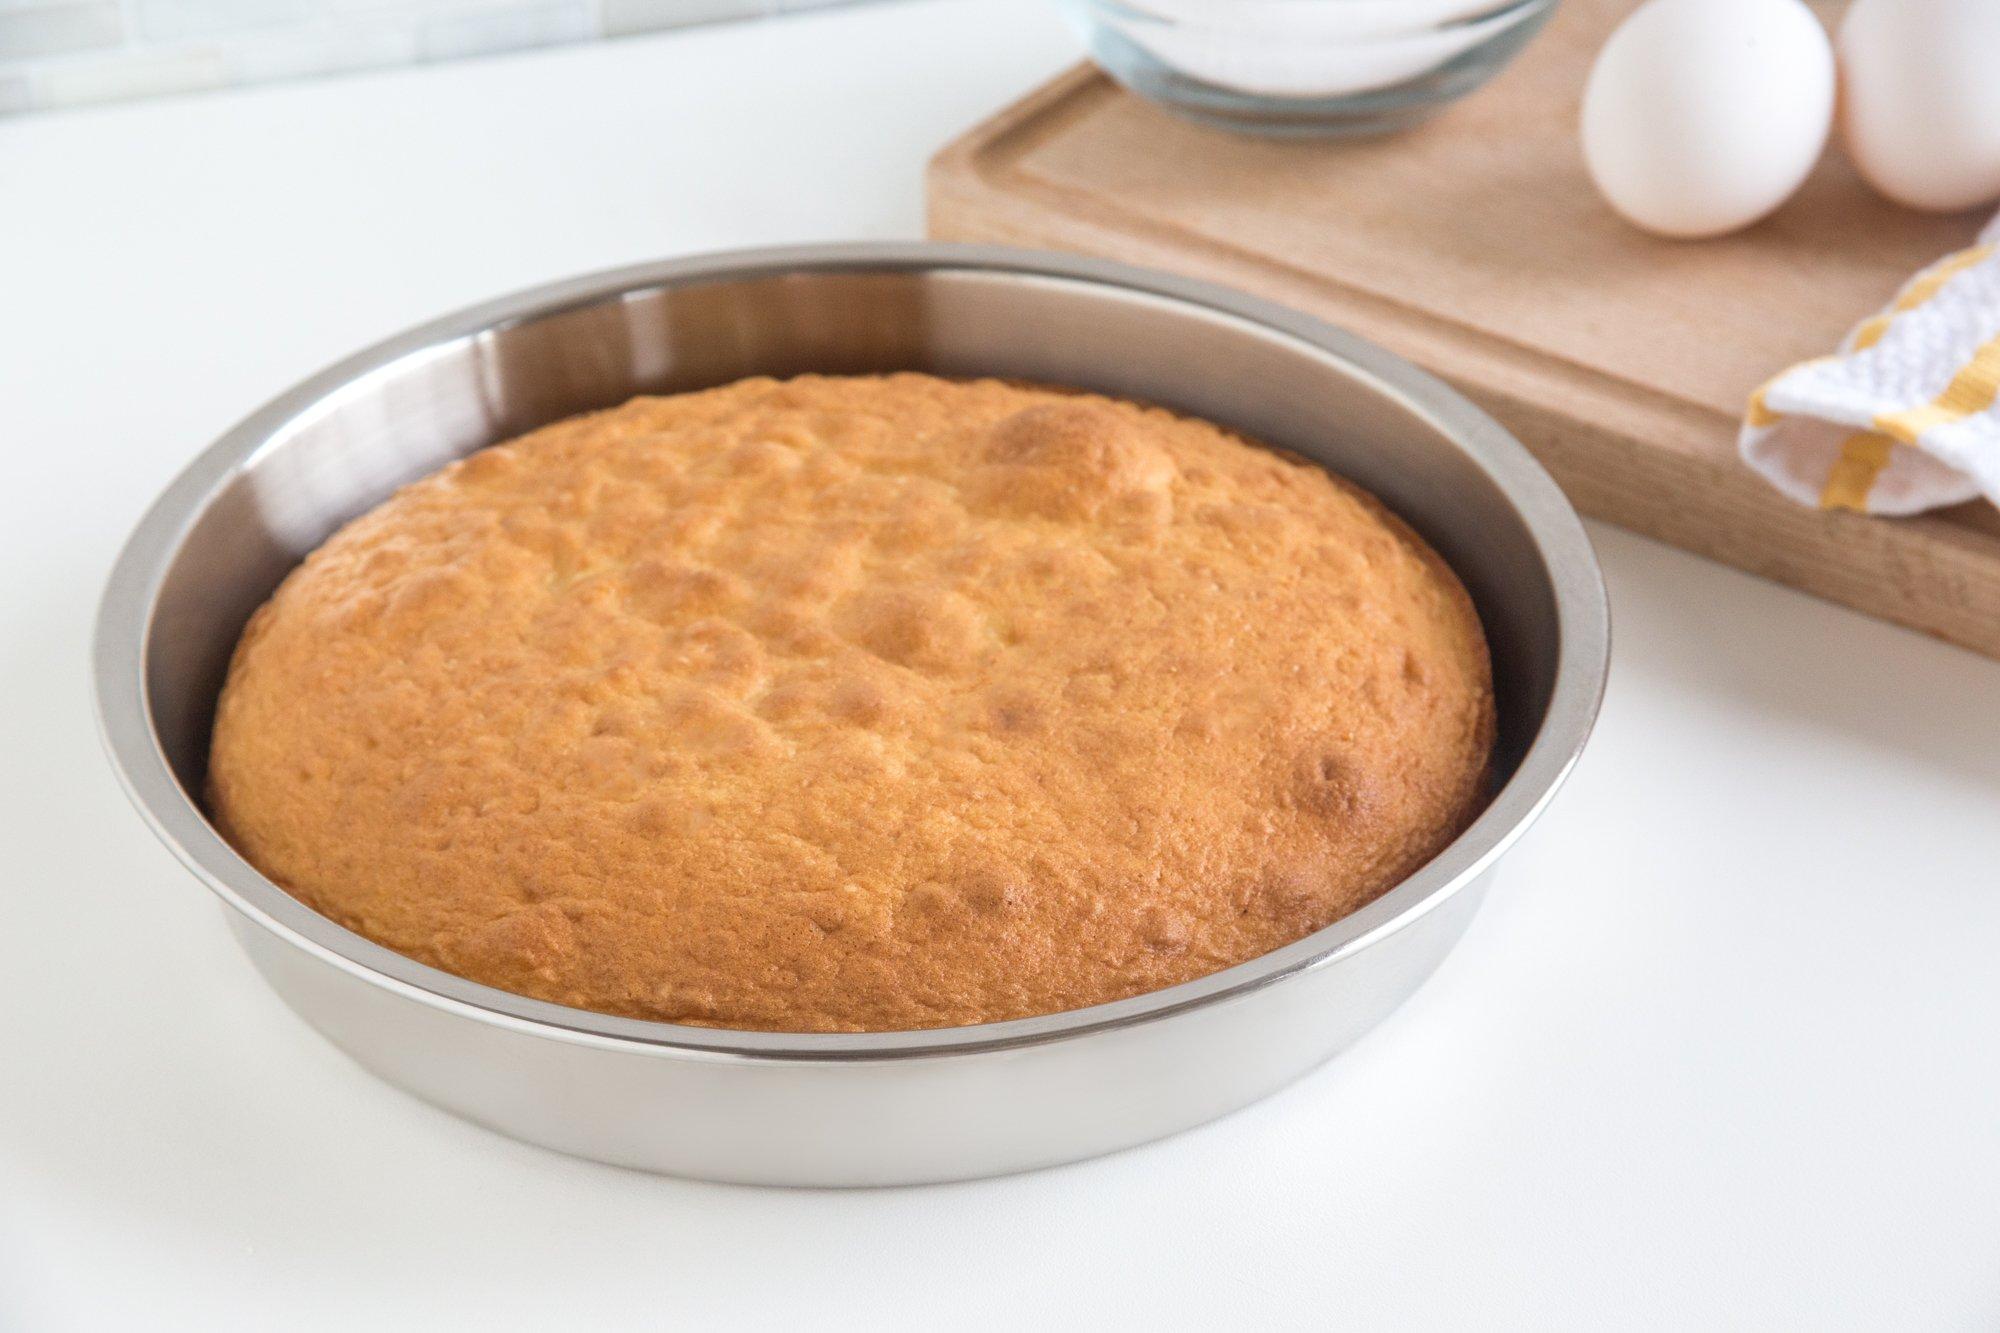 Fox Run 4865 Round Cake Pan, Stainless Steel by Fox Run (Image #4)